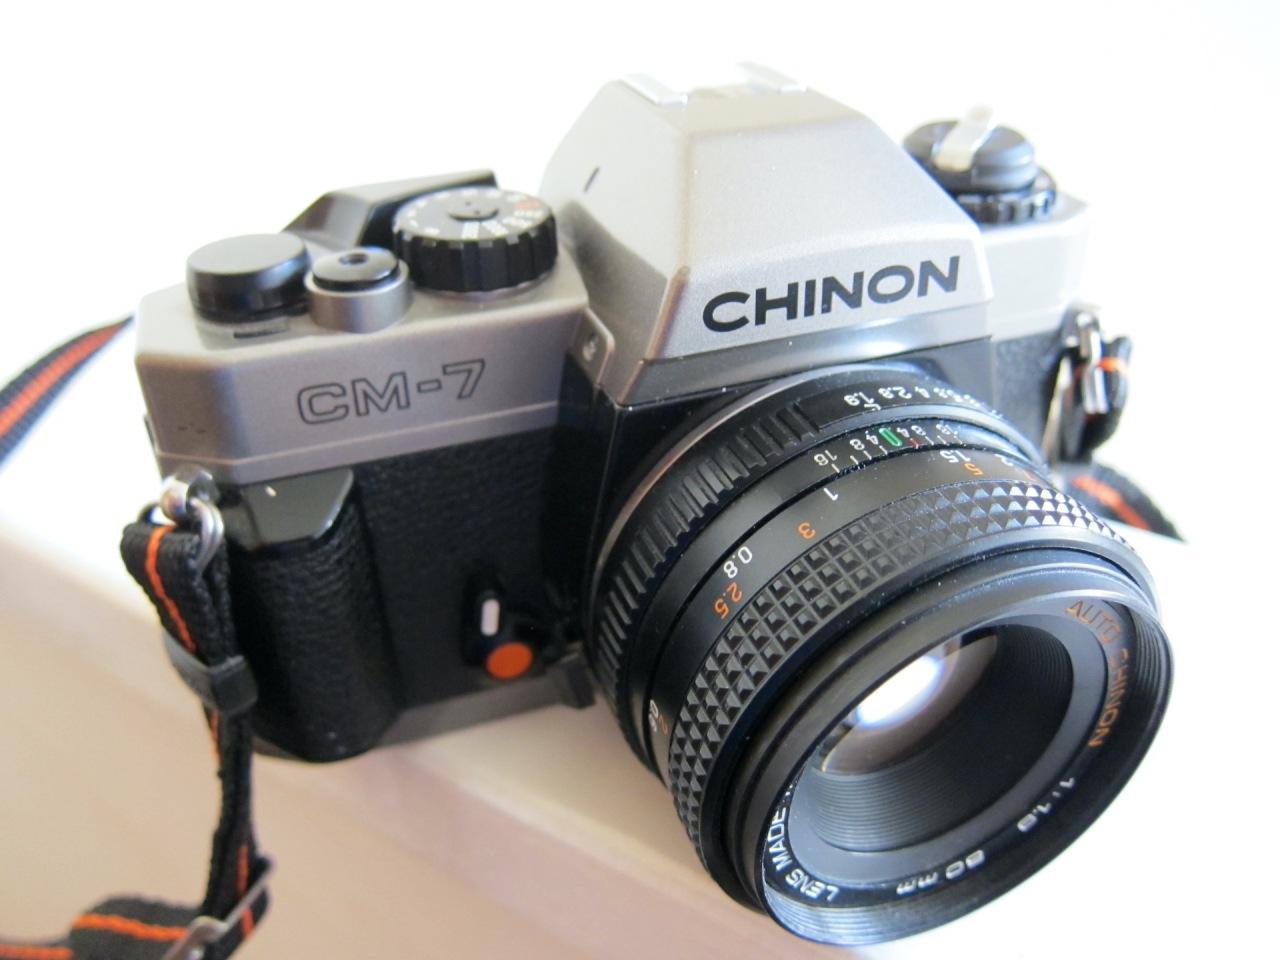 Chinon CM-7 (versus NikonFM10)